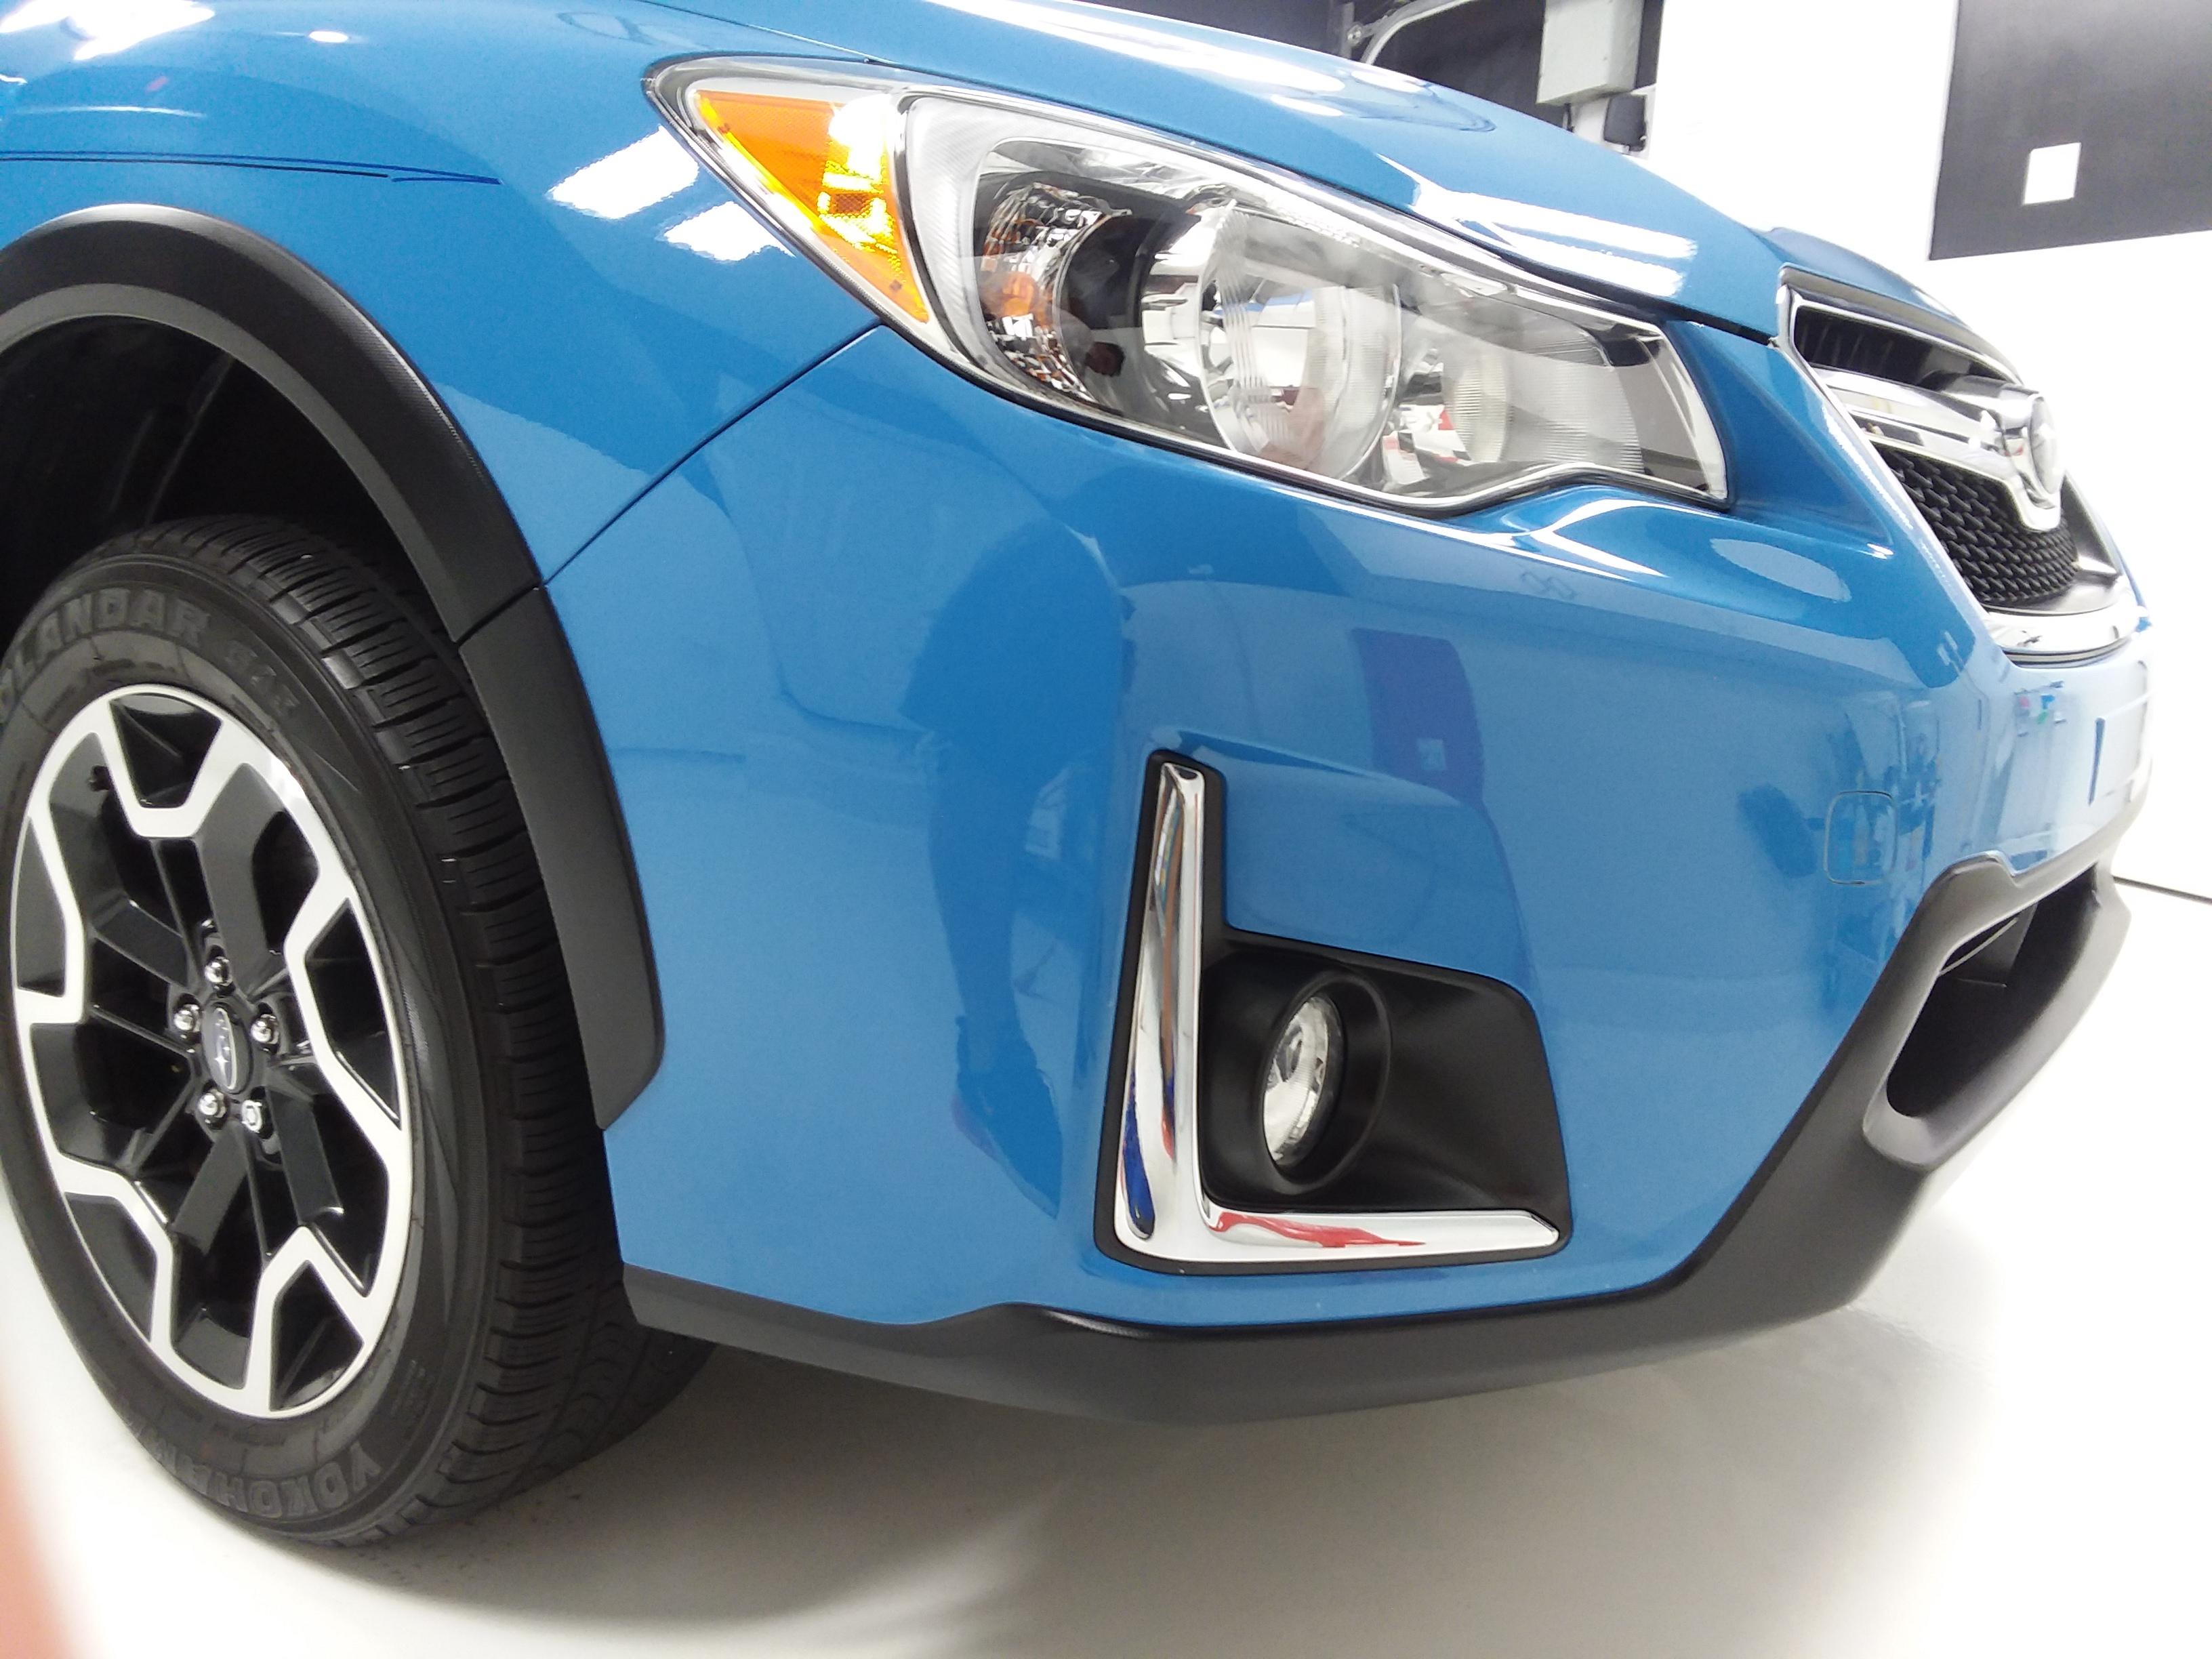 2016 Subaru Crosstrek Clear Bra